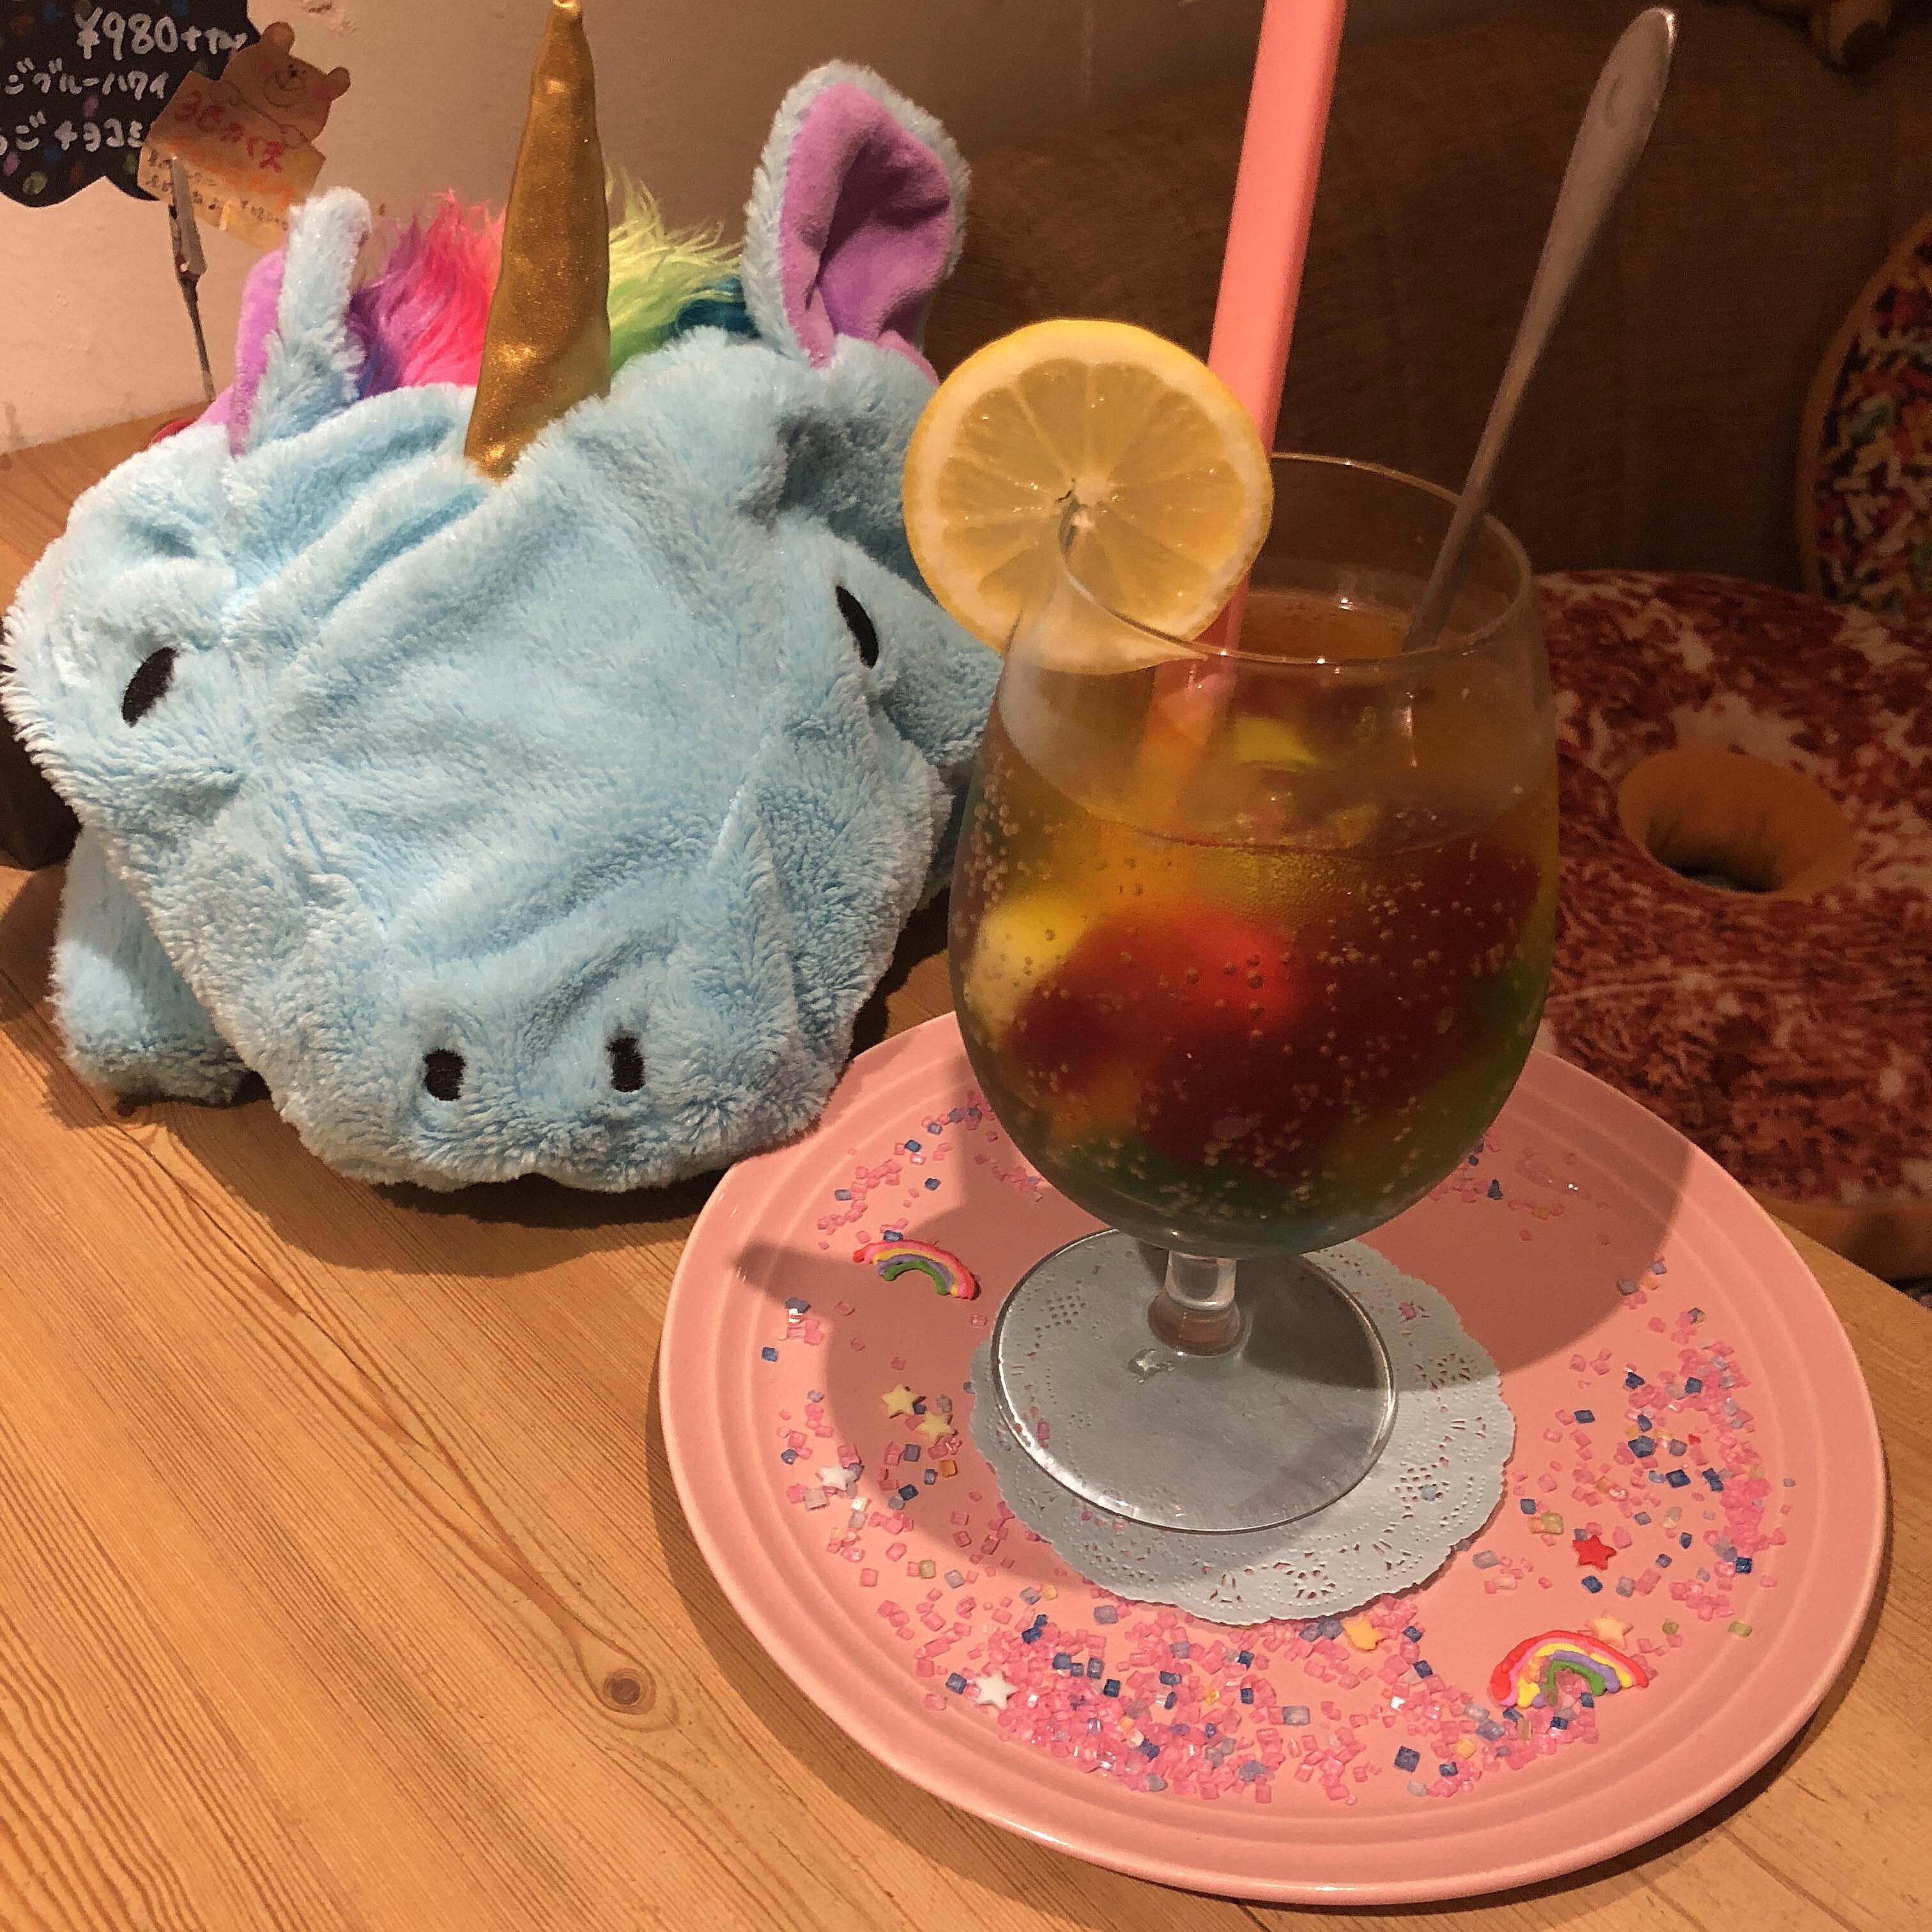 Vol.51♡ まるでお菓子の家みたいなカフェ?!【ALL C's Cafe】_1_4-1